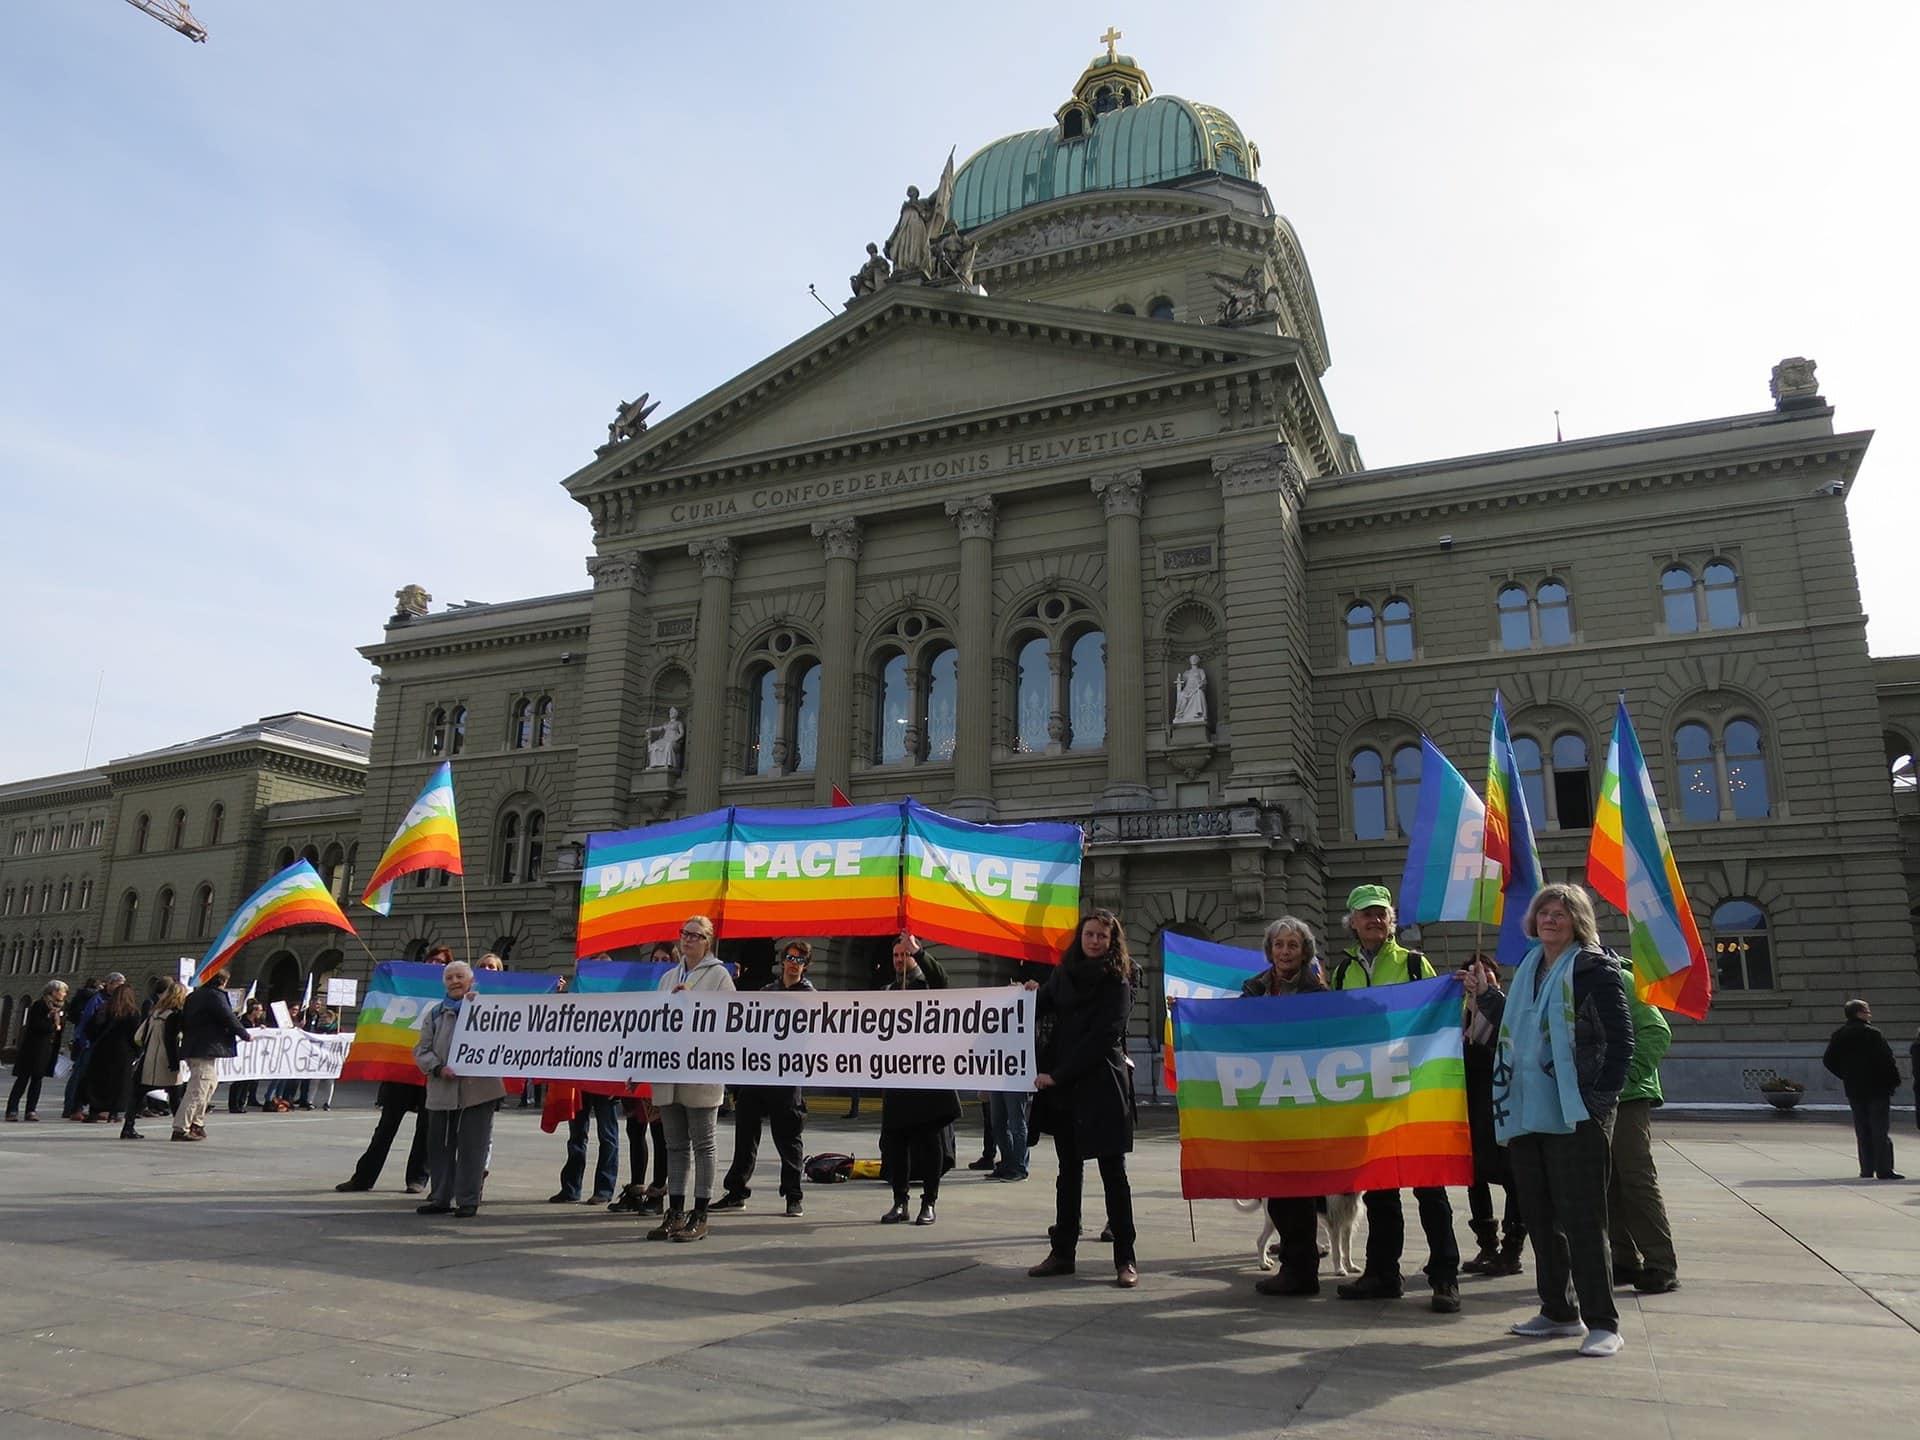 Menschen mit Pace-Fahnen vor dem Bundeshaus.